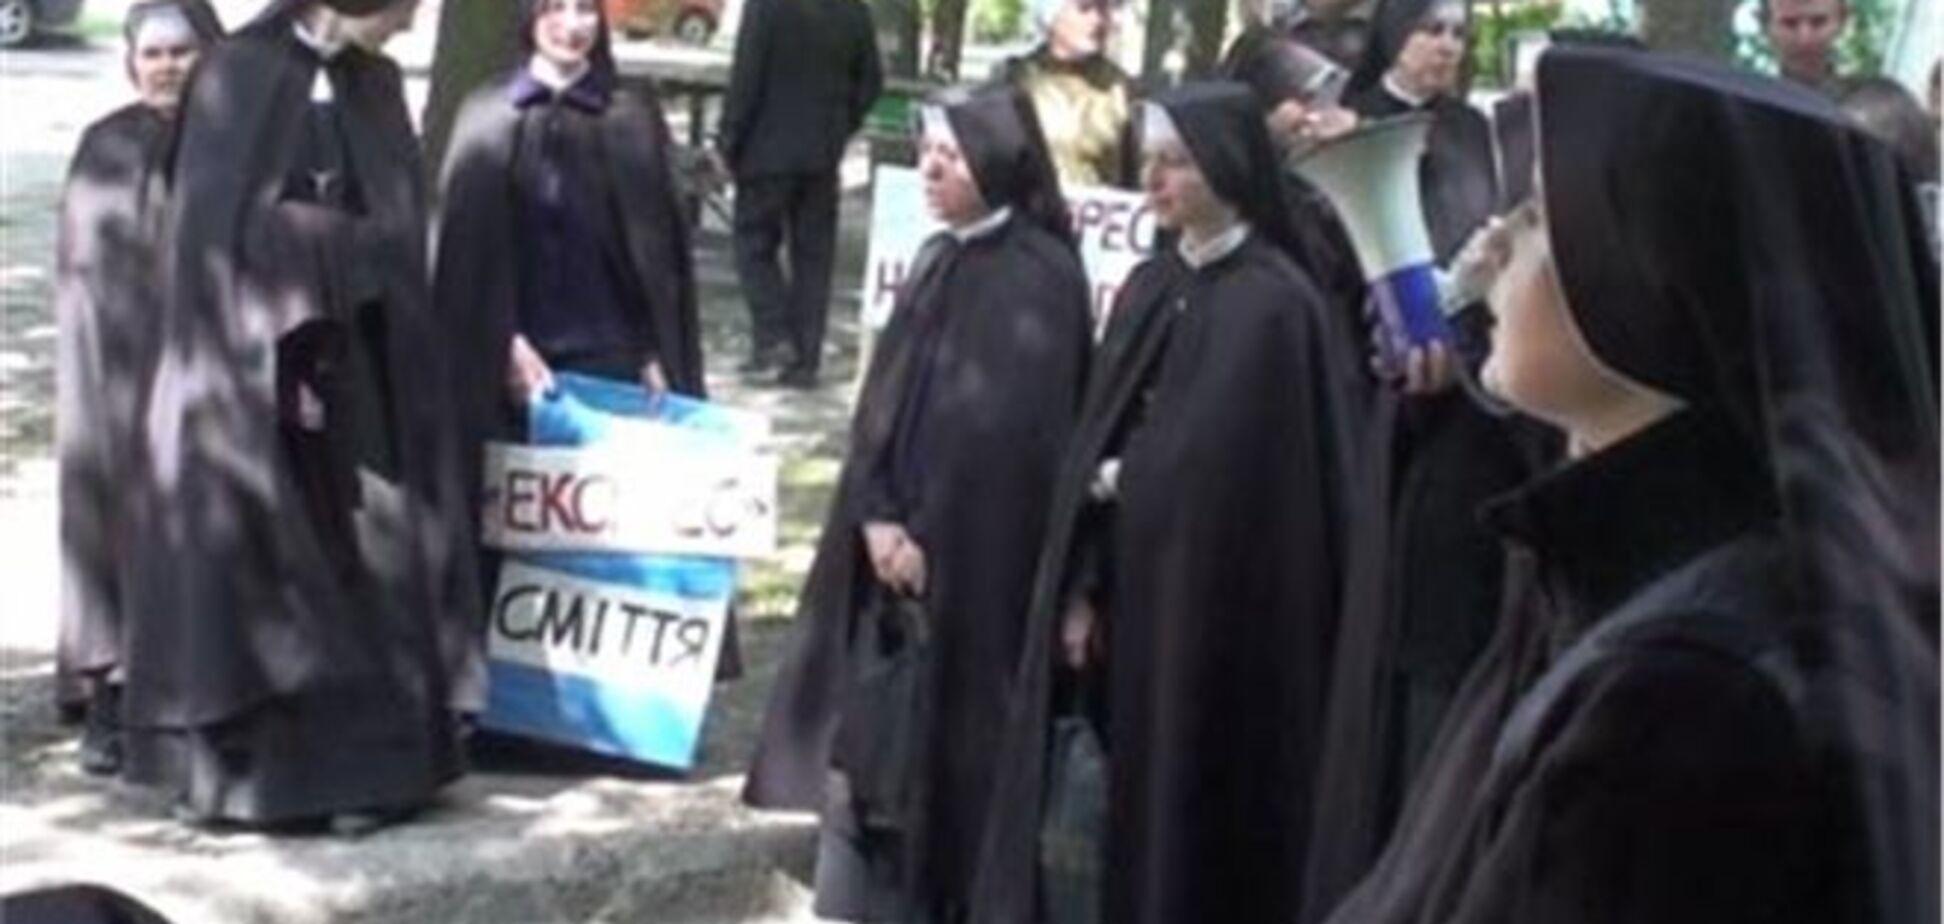 Жителів Західної України зомбує 'чорне братство' - ЗМІ